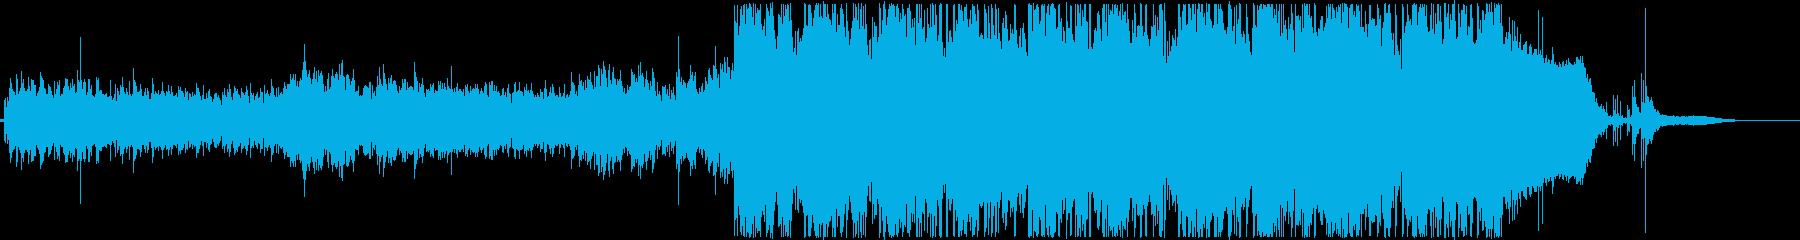 幻想的でファンタジックなepic曲の再生済みの波形